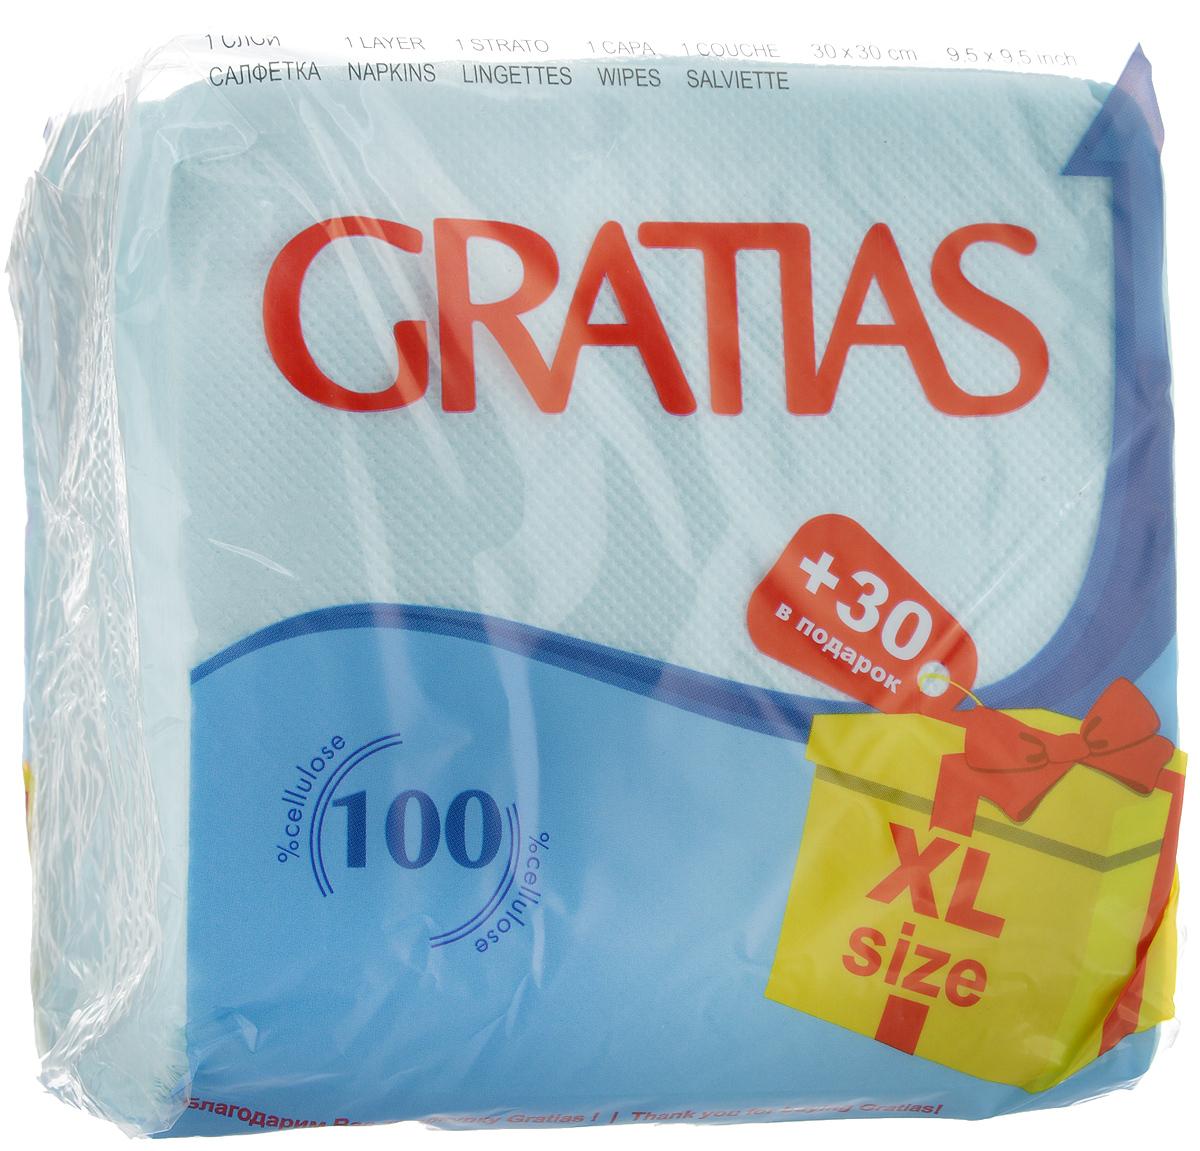 Салфетки бумажные Gratias Пастель микс, однослойные, 30 х 30 см, 120 шт1516Однослойные бумажные салфетки Gratias Пастель микс мягкие, но в то же время прочные. Они подходят для косметического, санитарно-гигиенического и хозяйственного назначения. Обладают хорошими впитывающими свойствами. Салфетки красиво оформят сервировку стола. Материал: 100% целлюлоза. Размер салфетки: 30 х 30 см. Комплектация: 120 шт.Уважаемые клиенты! Обращаем ваше внимание на цветовой ассортимент товара. Поставка осуществляется в зависимости от наличия на складе.